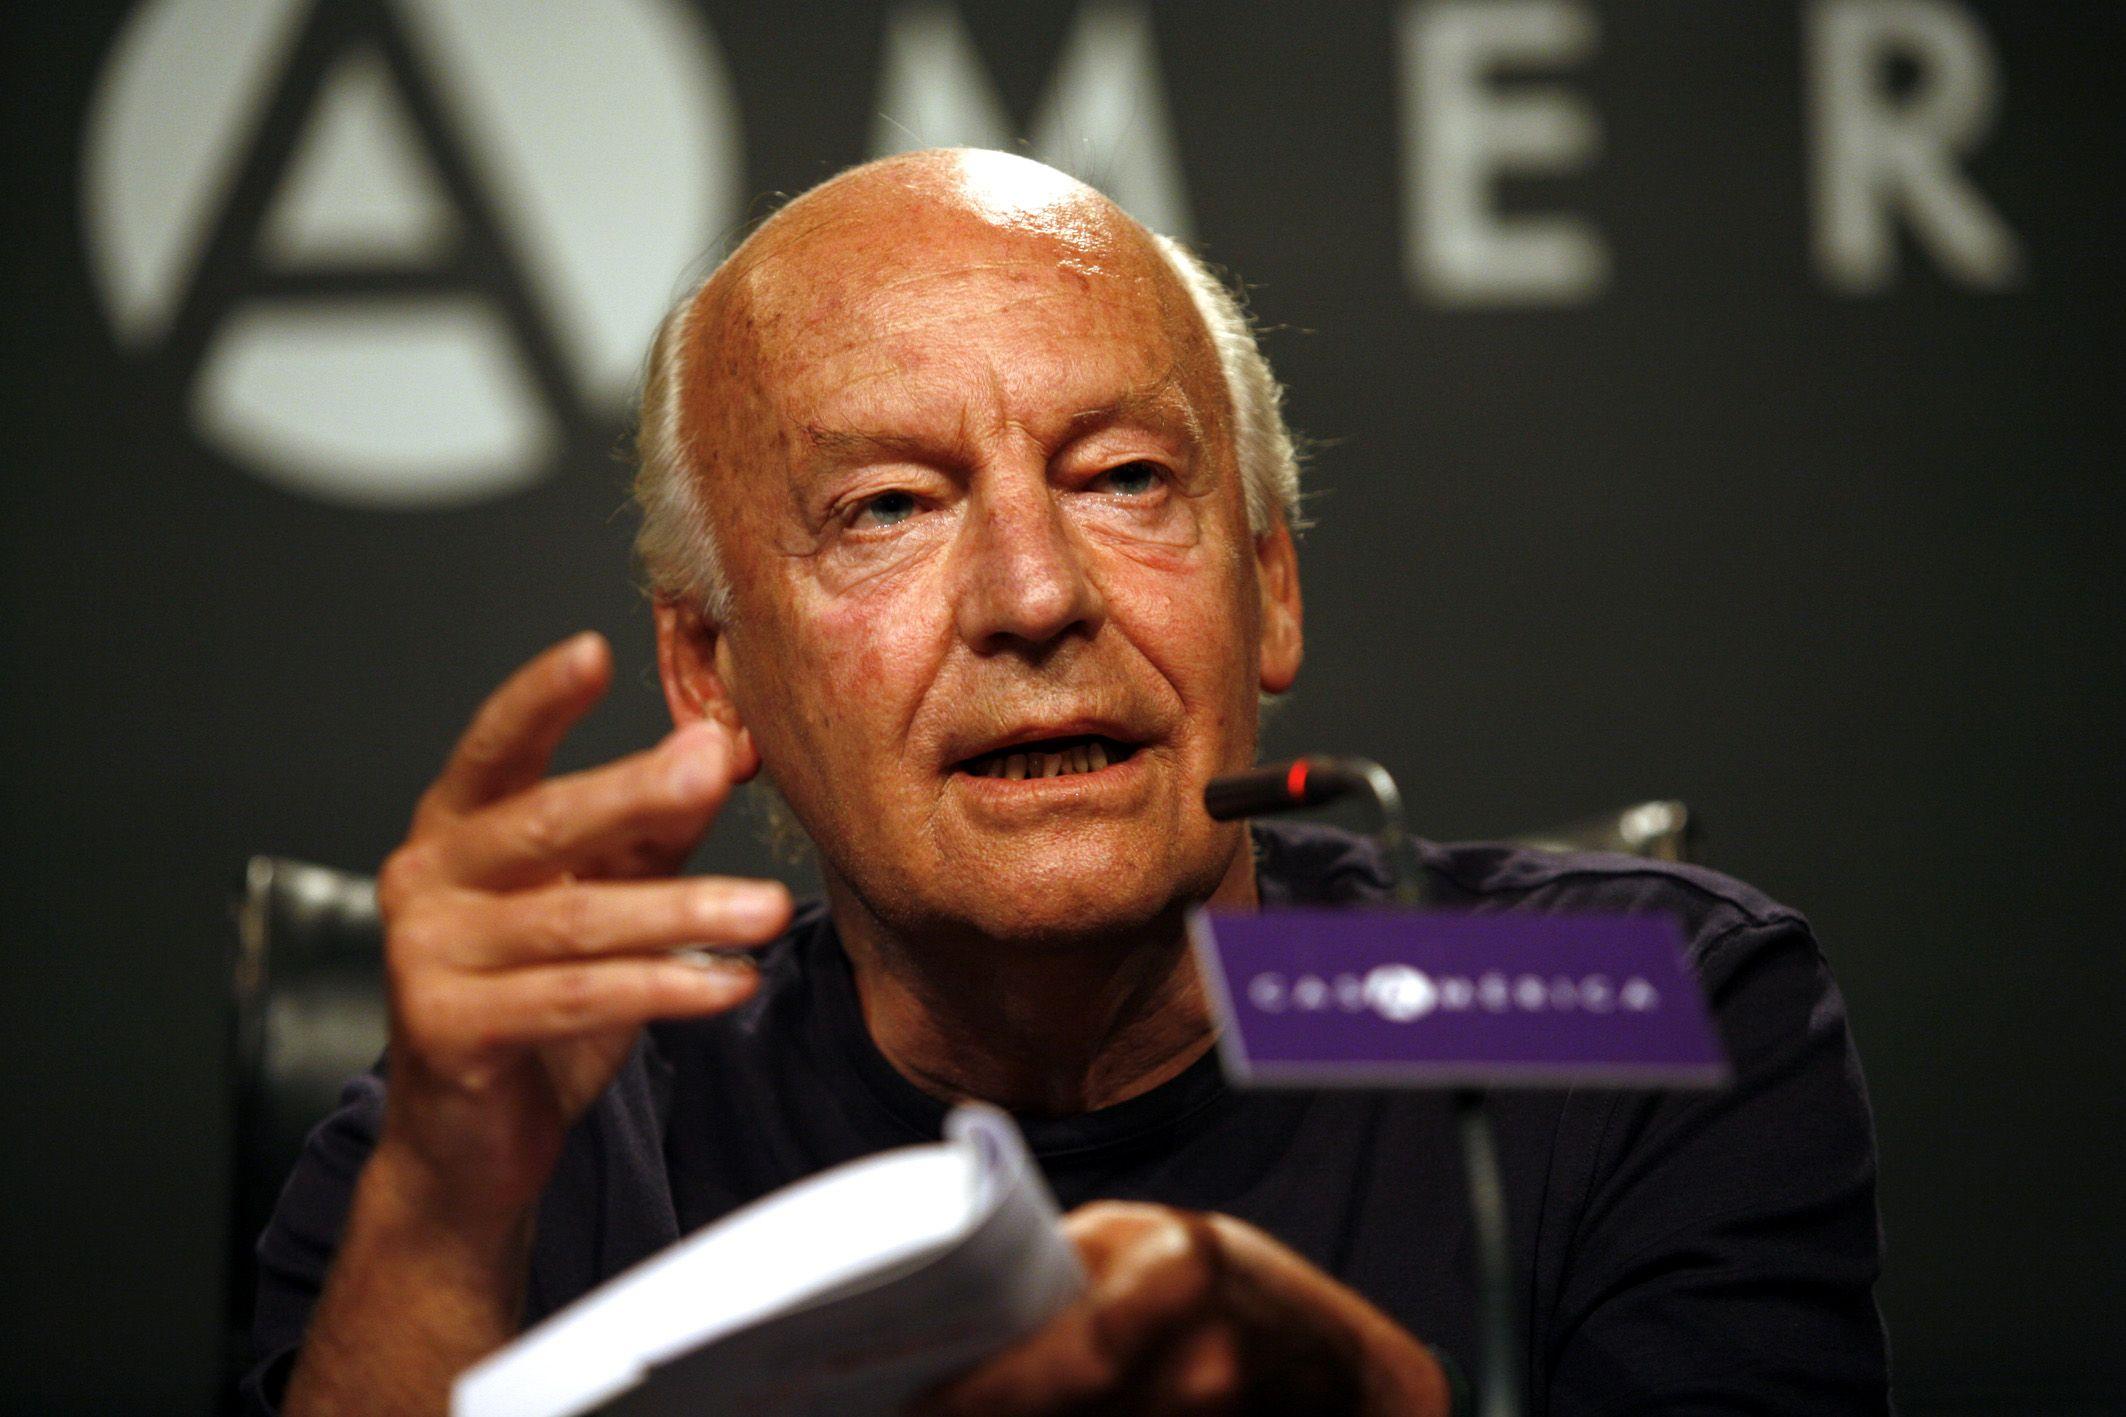 El escritor uruguayo tenía 74 años.